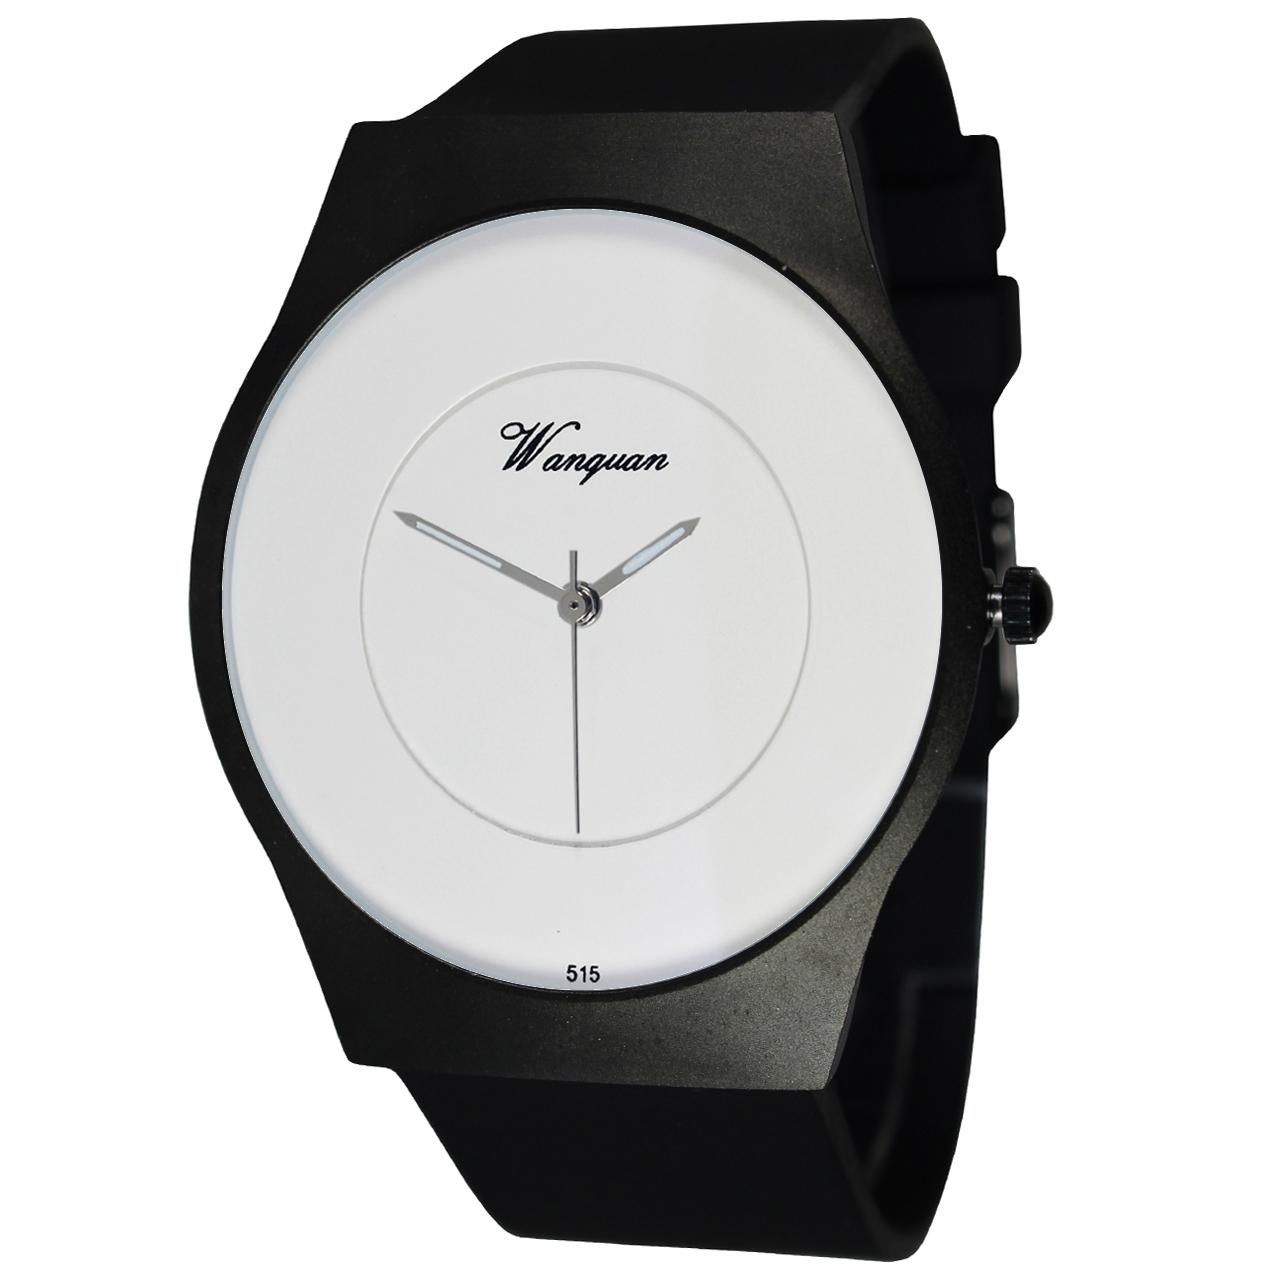 ساعت مچی عقربه ای مردانه و زنانه وانکوان مدل P5-12